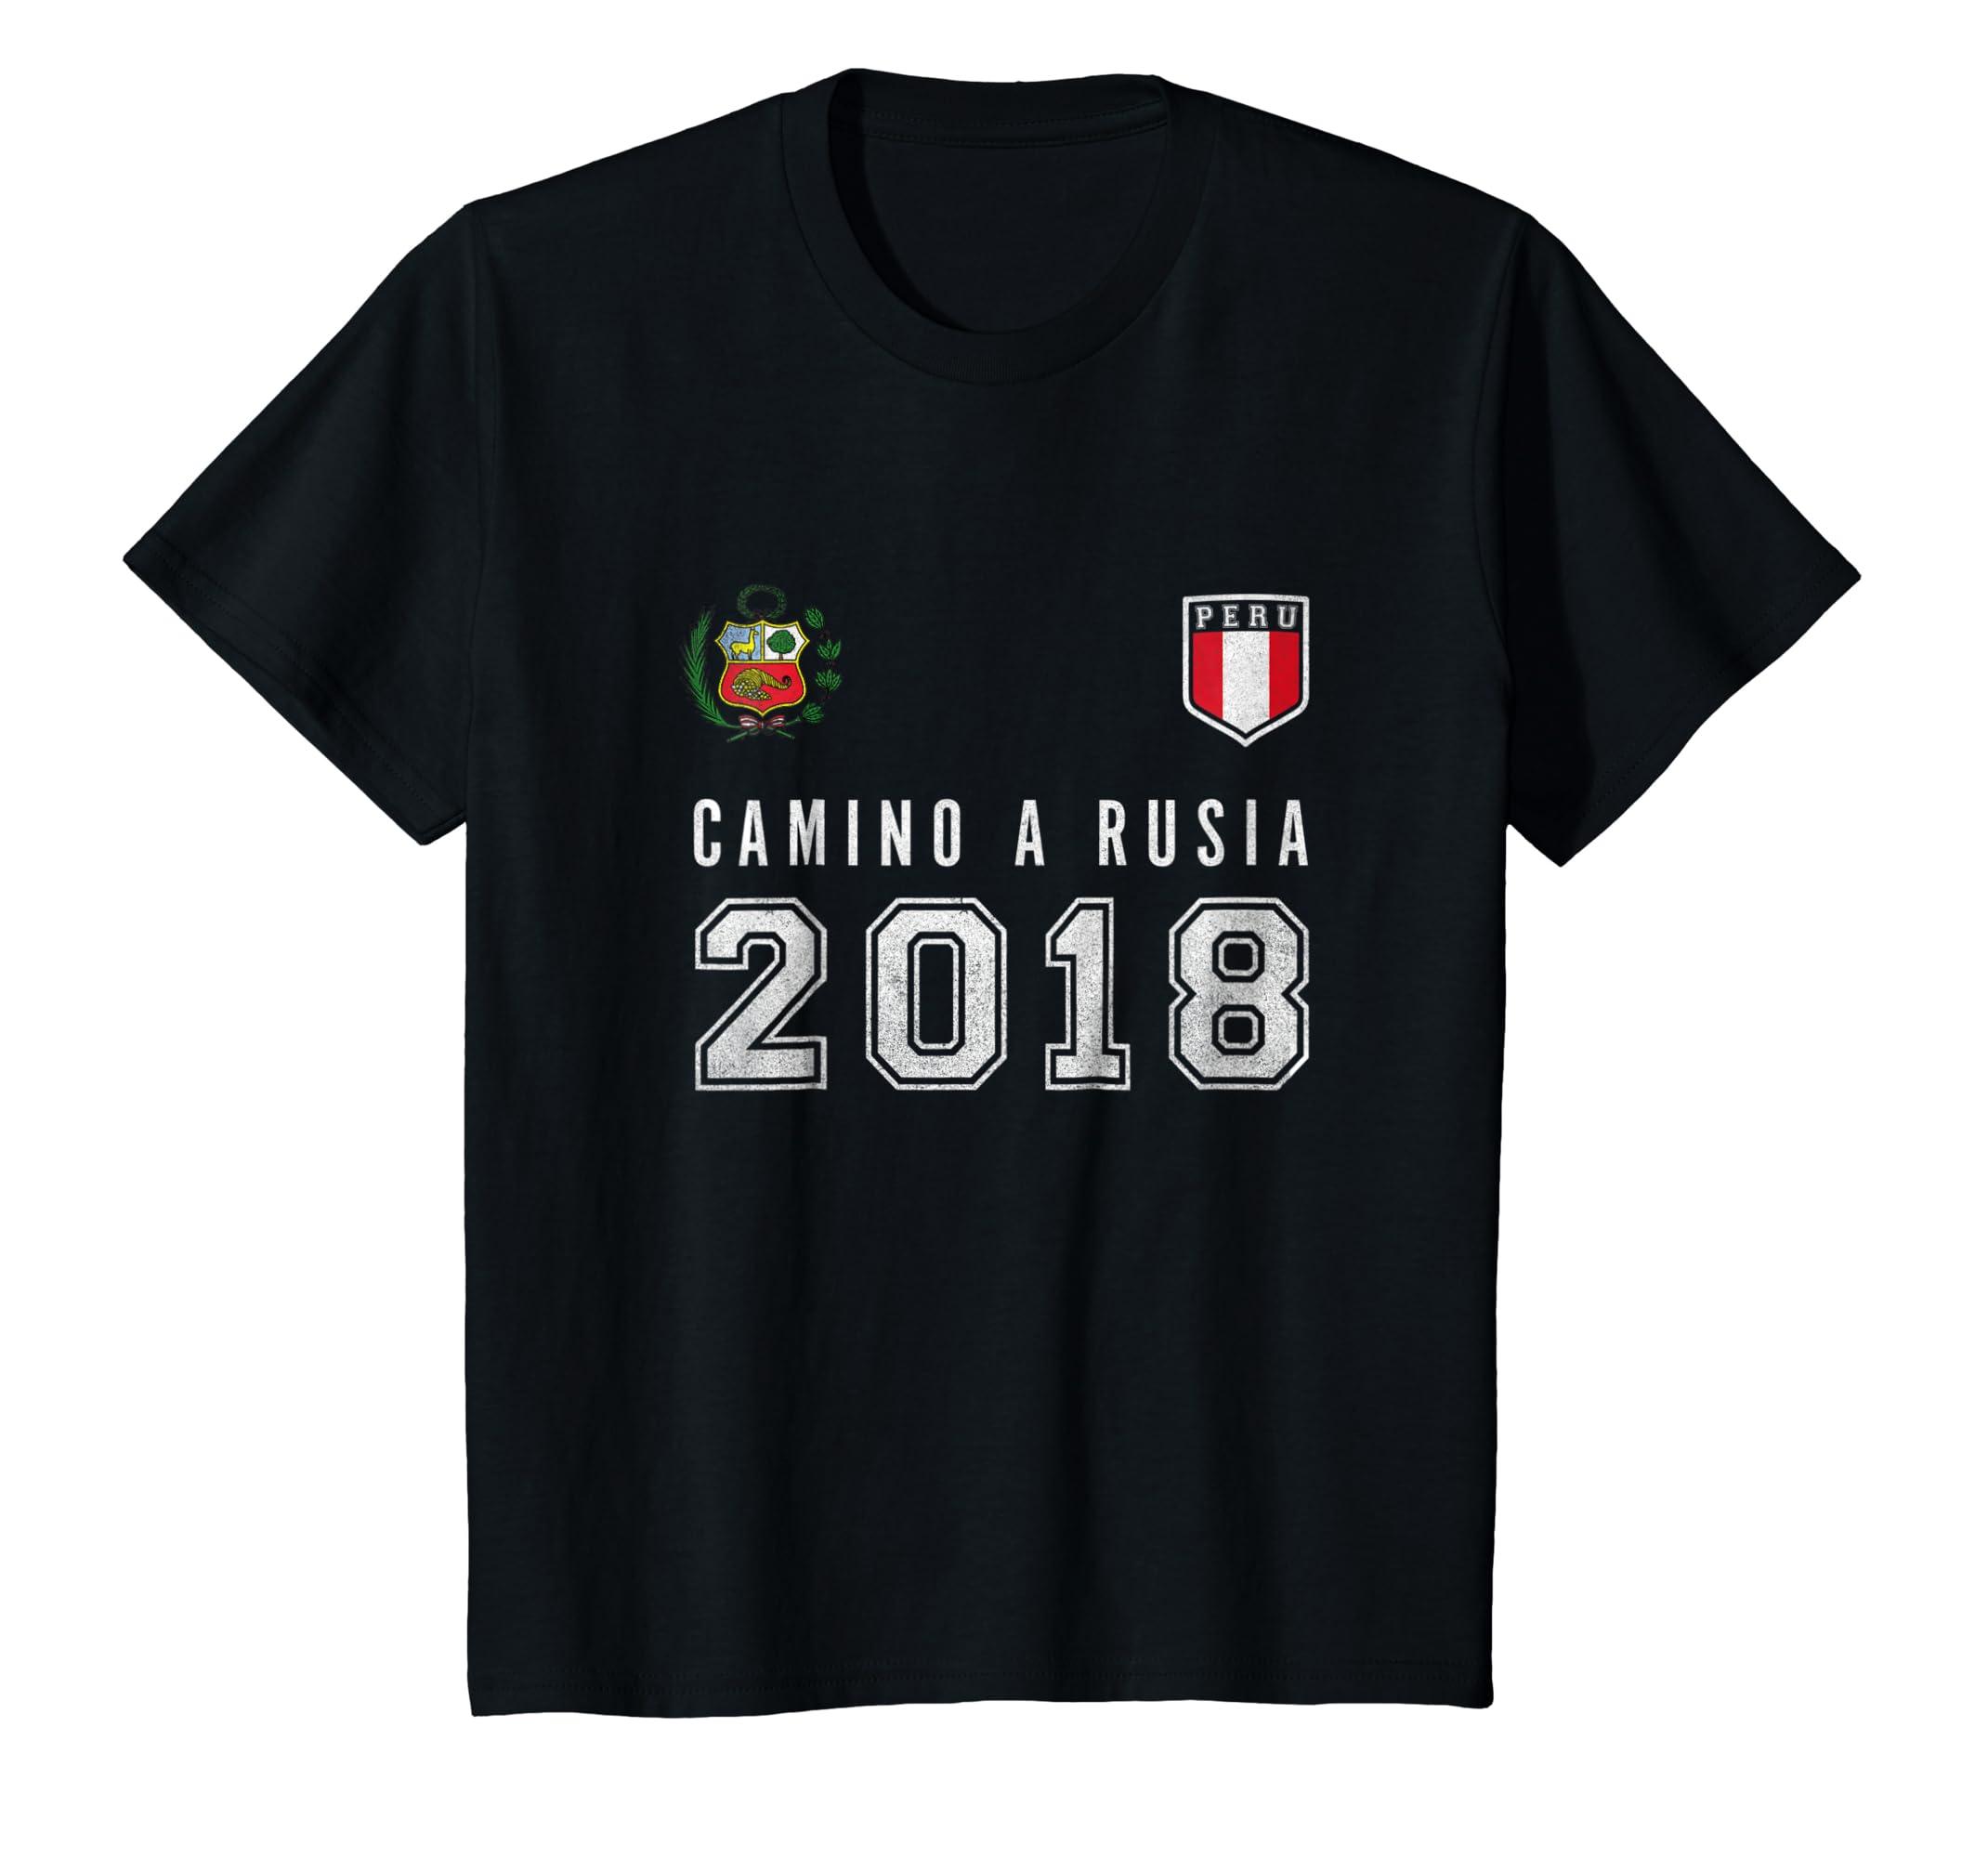 Amazon.com: Peru Football, Soccer, Rusia 2018 tshirt - Camiseta Futbol: Clothing